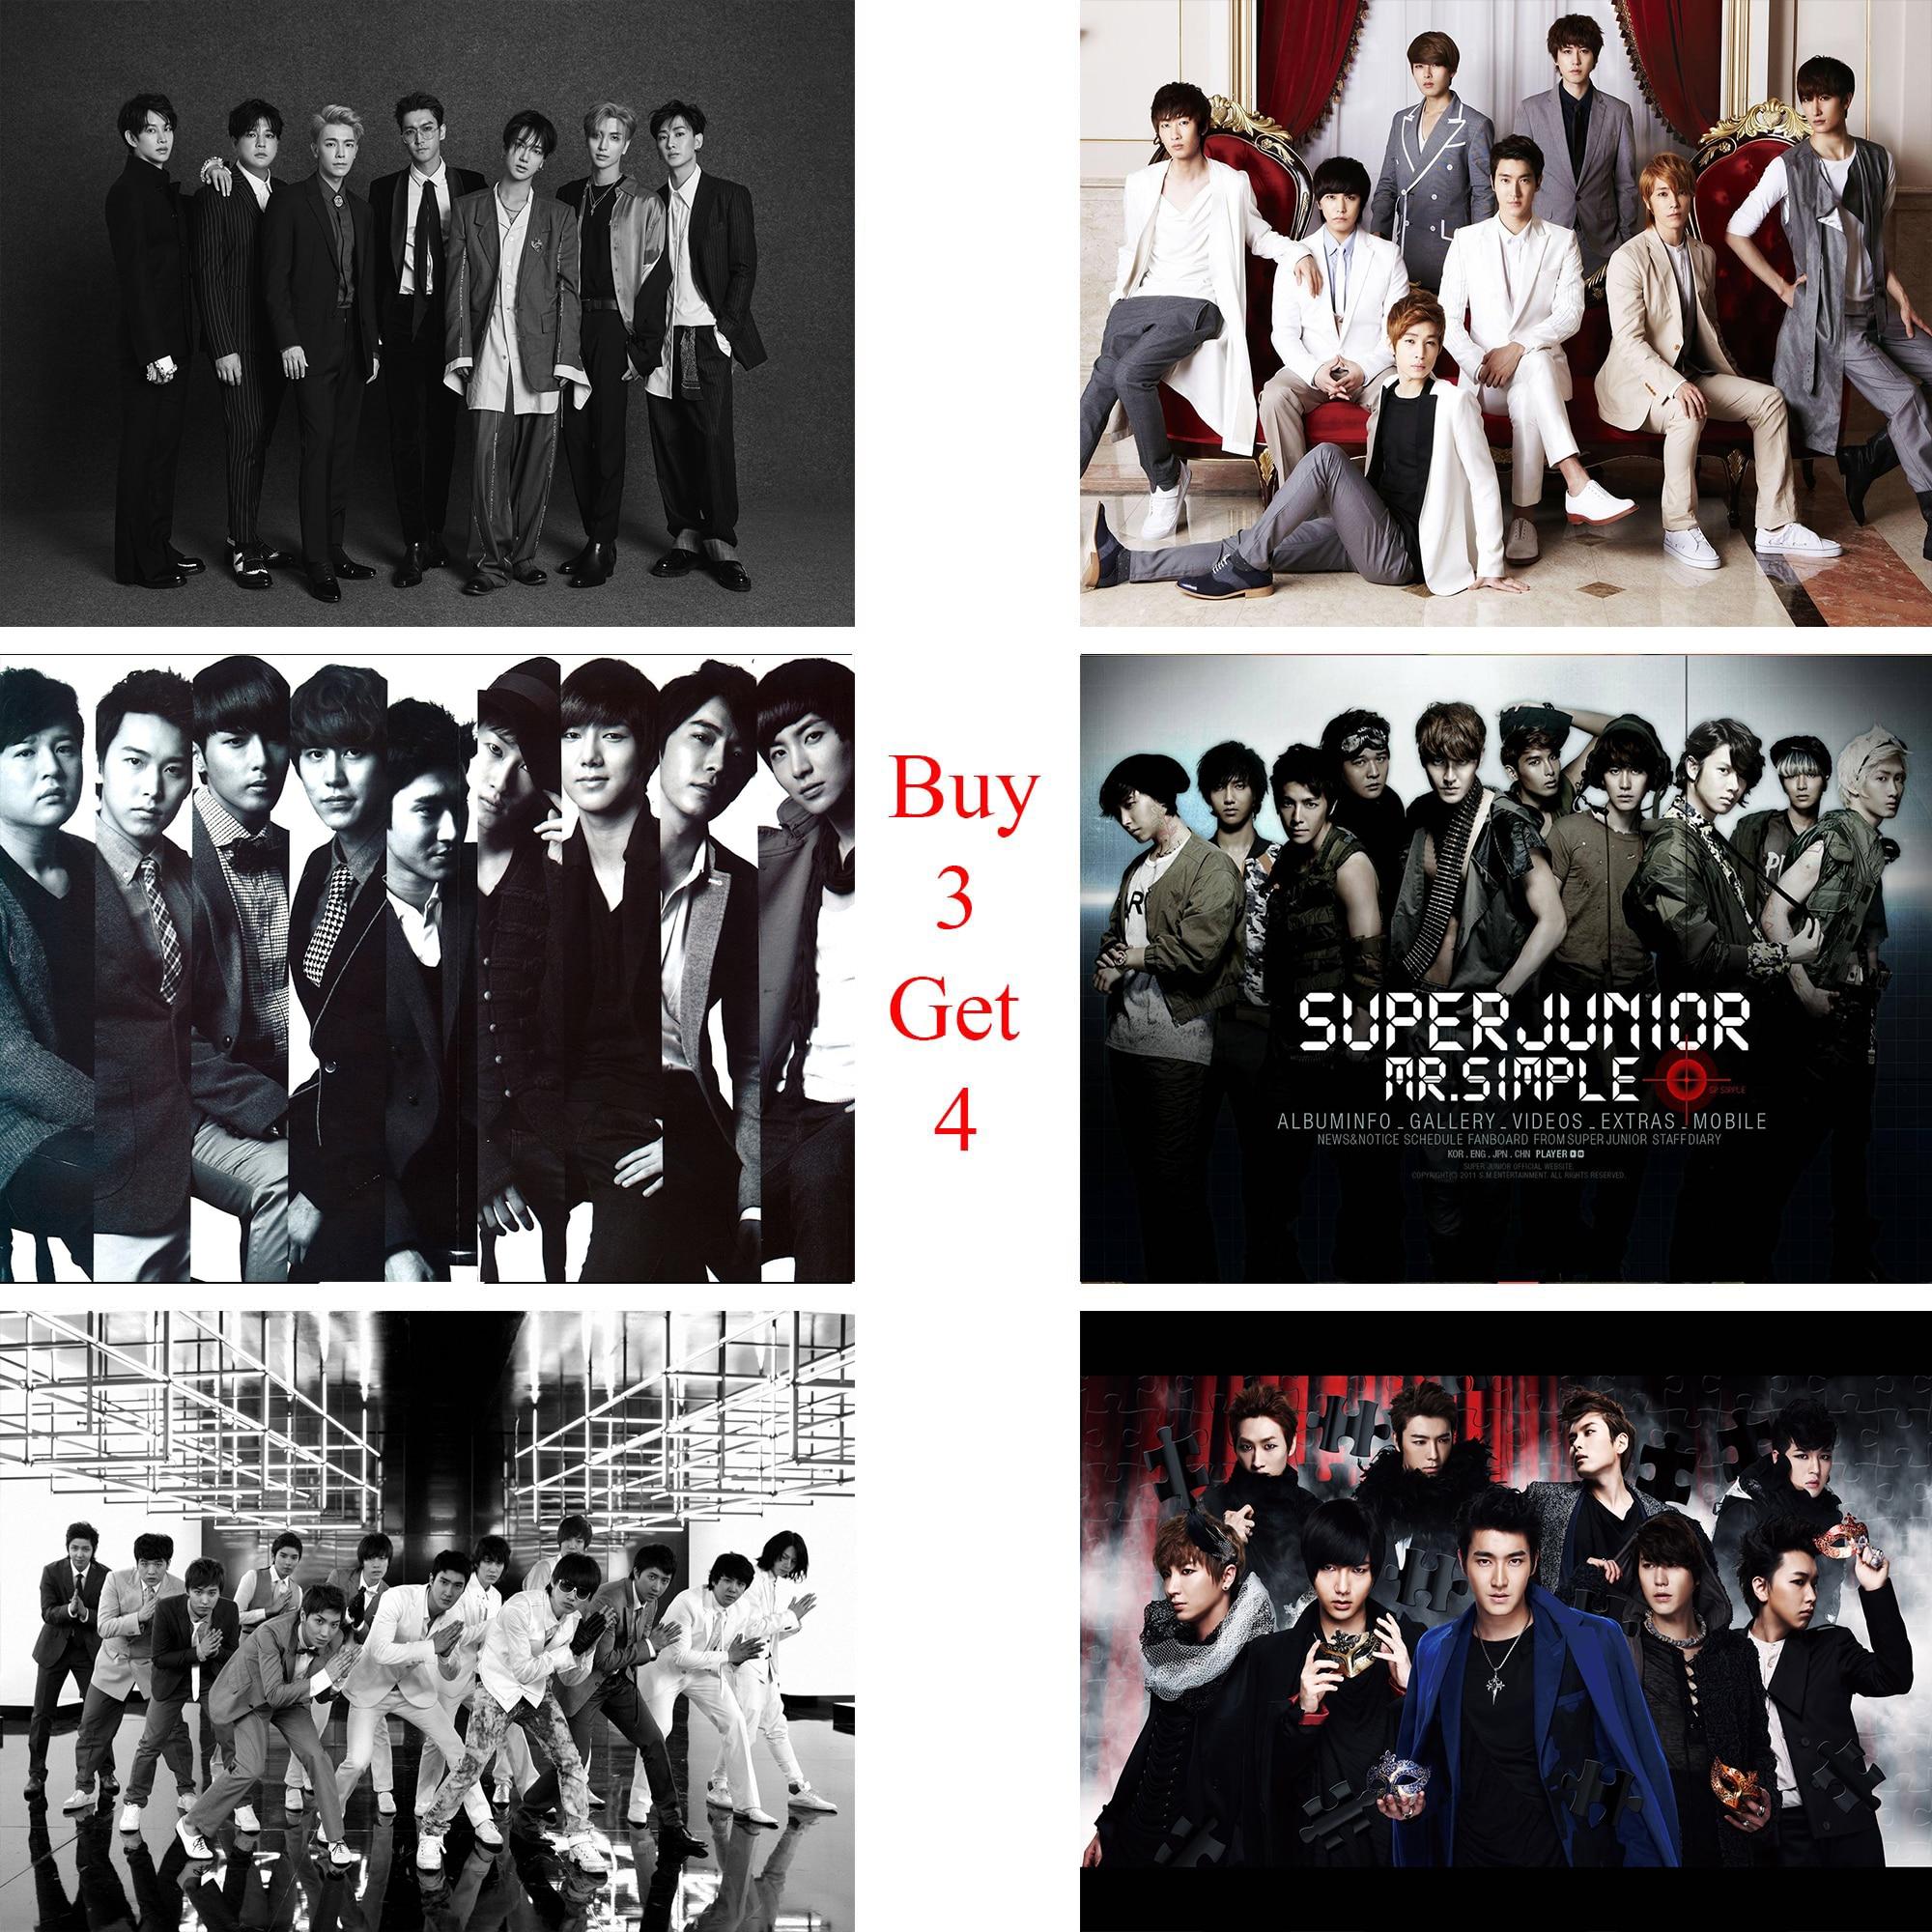 Super Junior Плакаты K-POP музыка Наклейки на стену белым покрытием Бумага принты Clear Image украшения дома Книги по искусству бренд